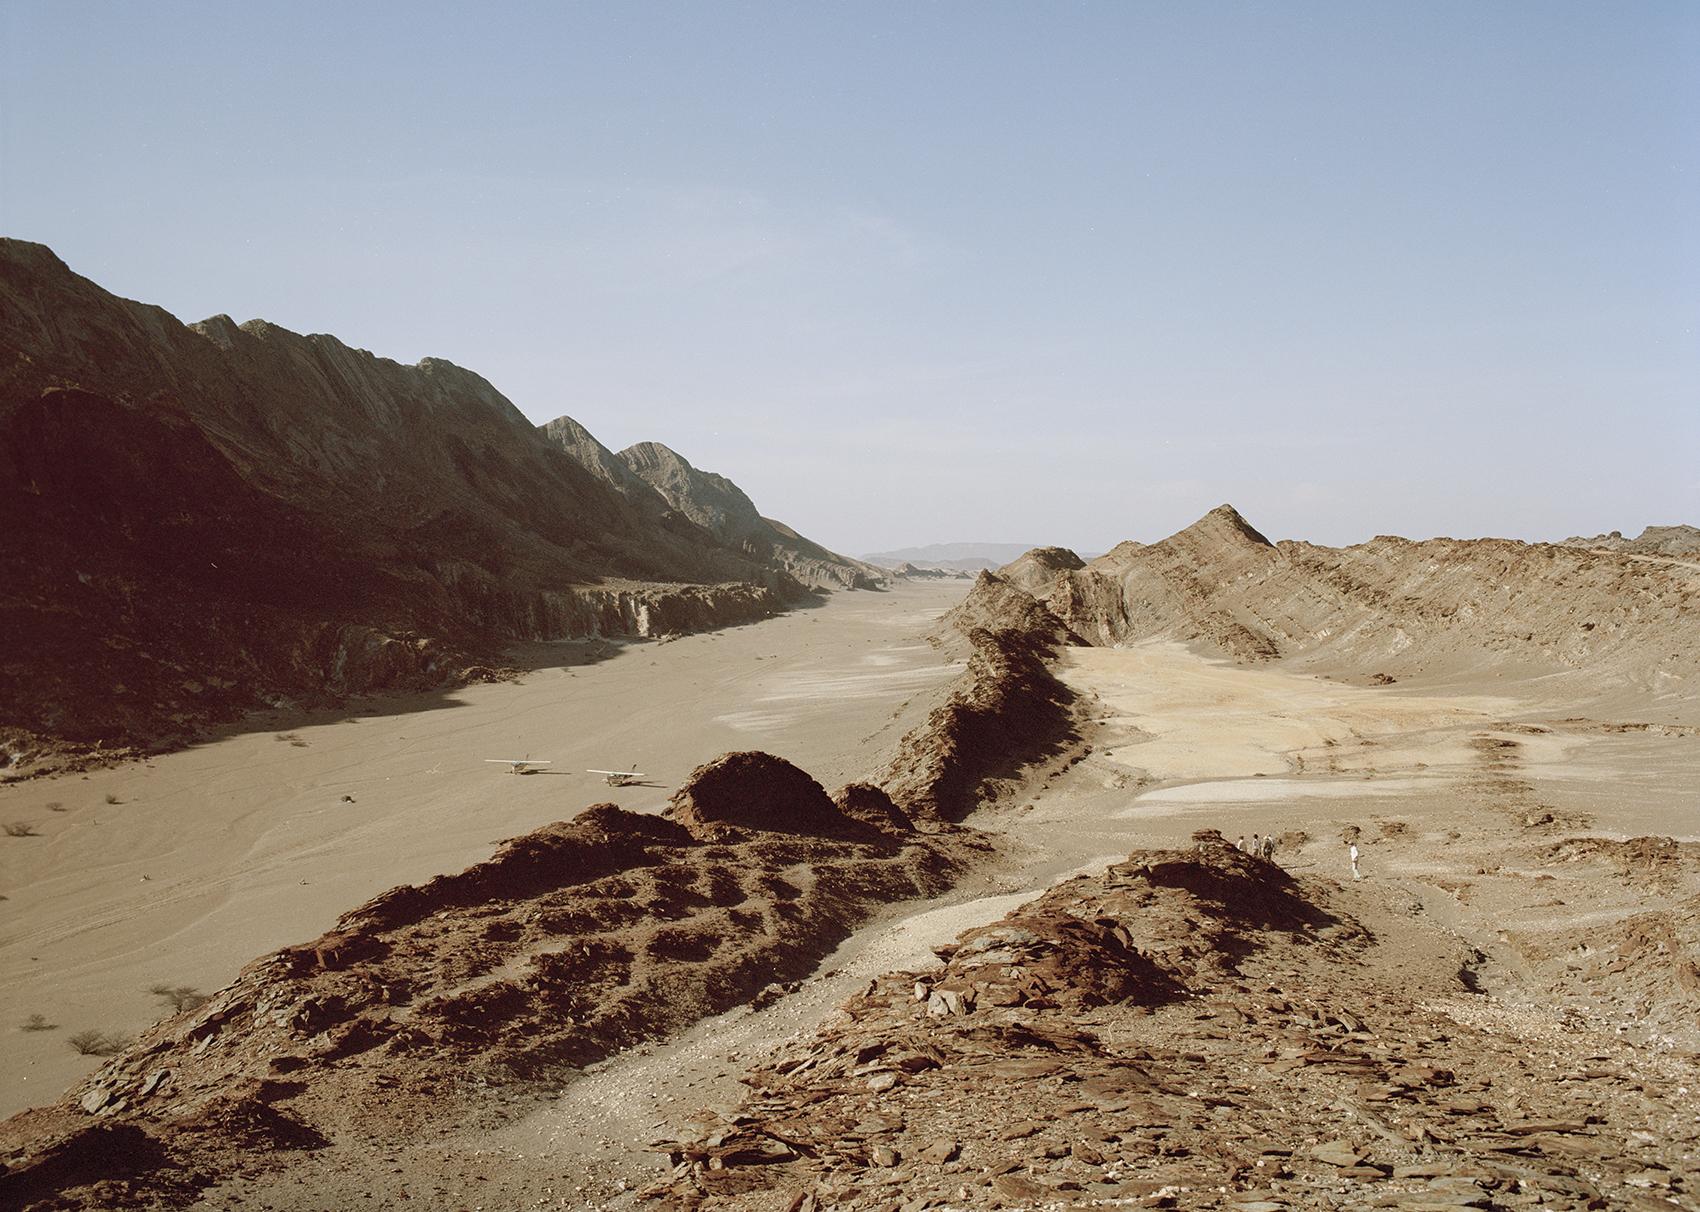 namibia-web-2.jpg